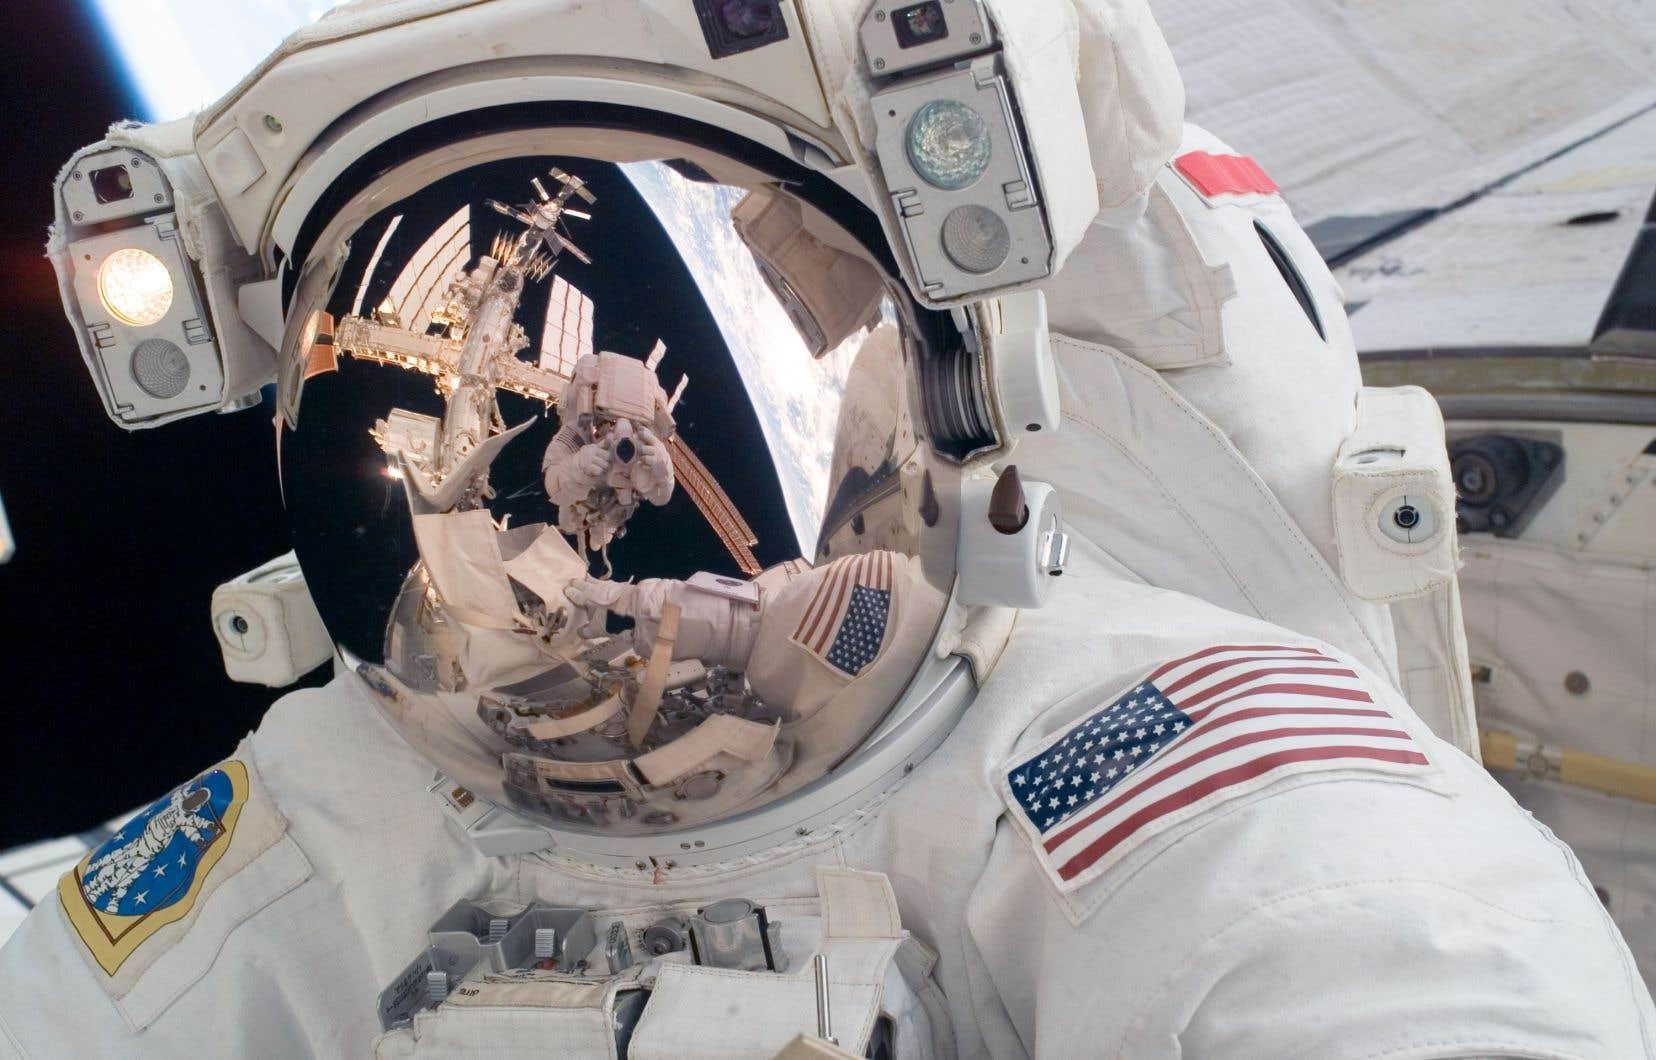 La NASA ne peut plus envoyer seule des astronautes dans l'espace depuis 2011, lorsque son programme de navettes spatiales a pris fin au bout de 30ans.